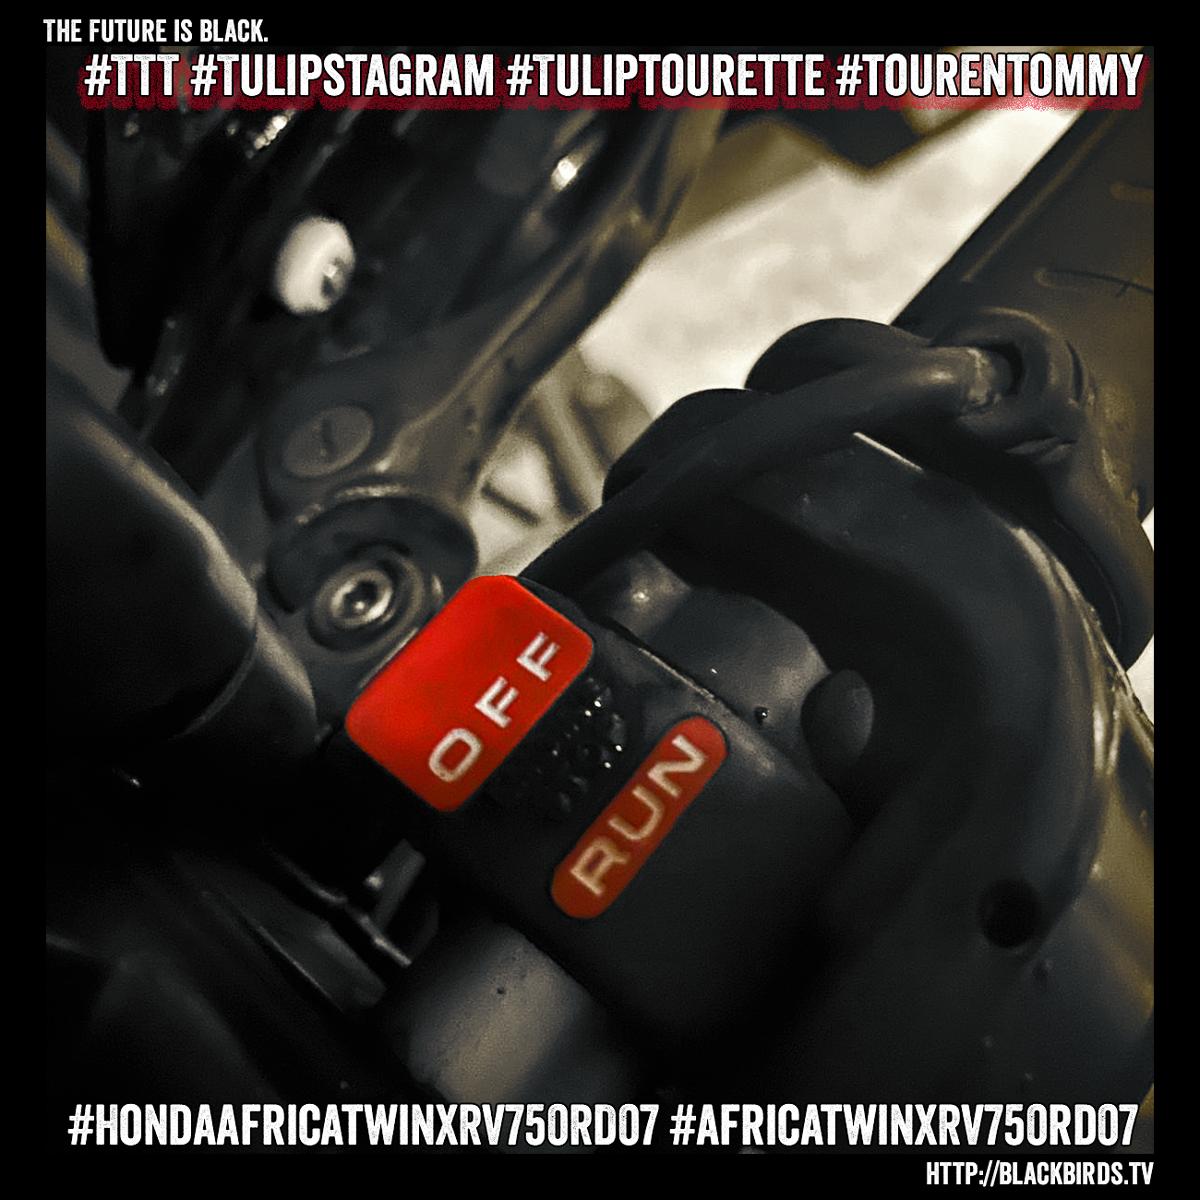 21.10.19: The Future is black. #HondaAfricaTwinXRV750RD07 #AfricaTwinXRV750RD07 #TTT #Tulipstagram #Tuliptourette #Tourentommy